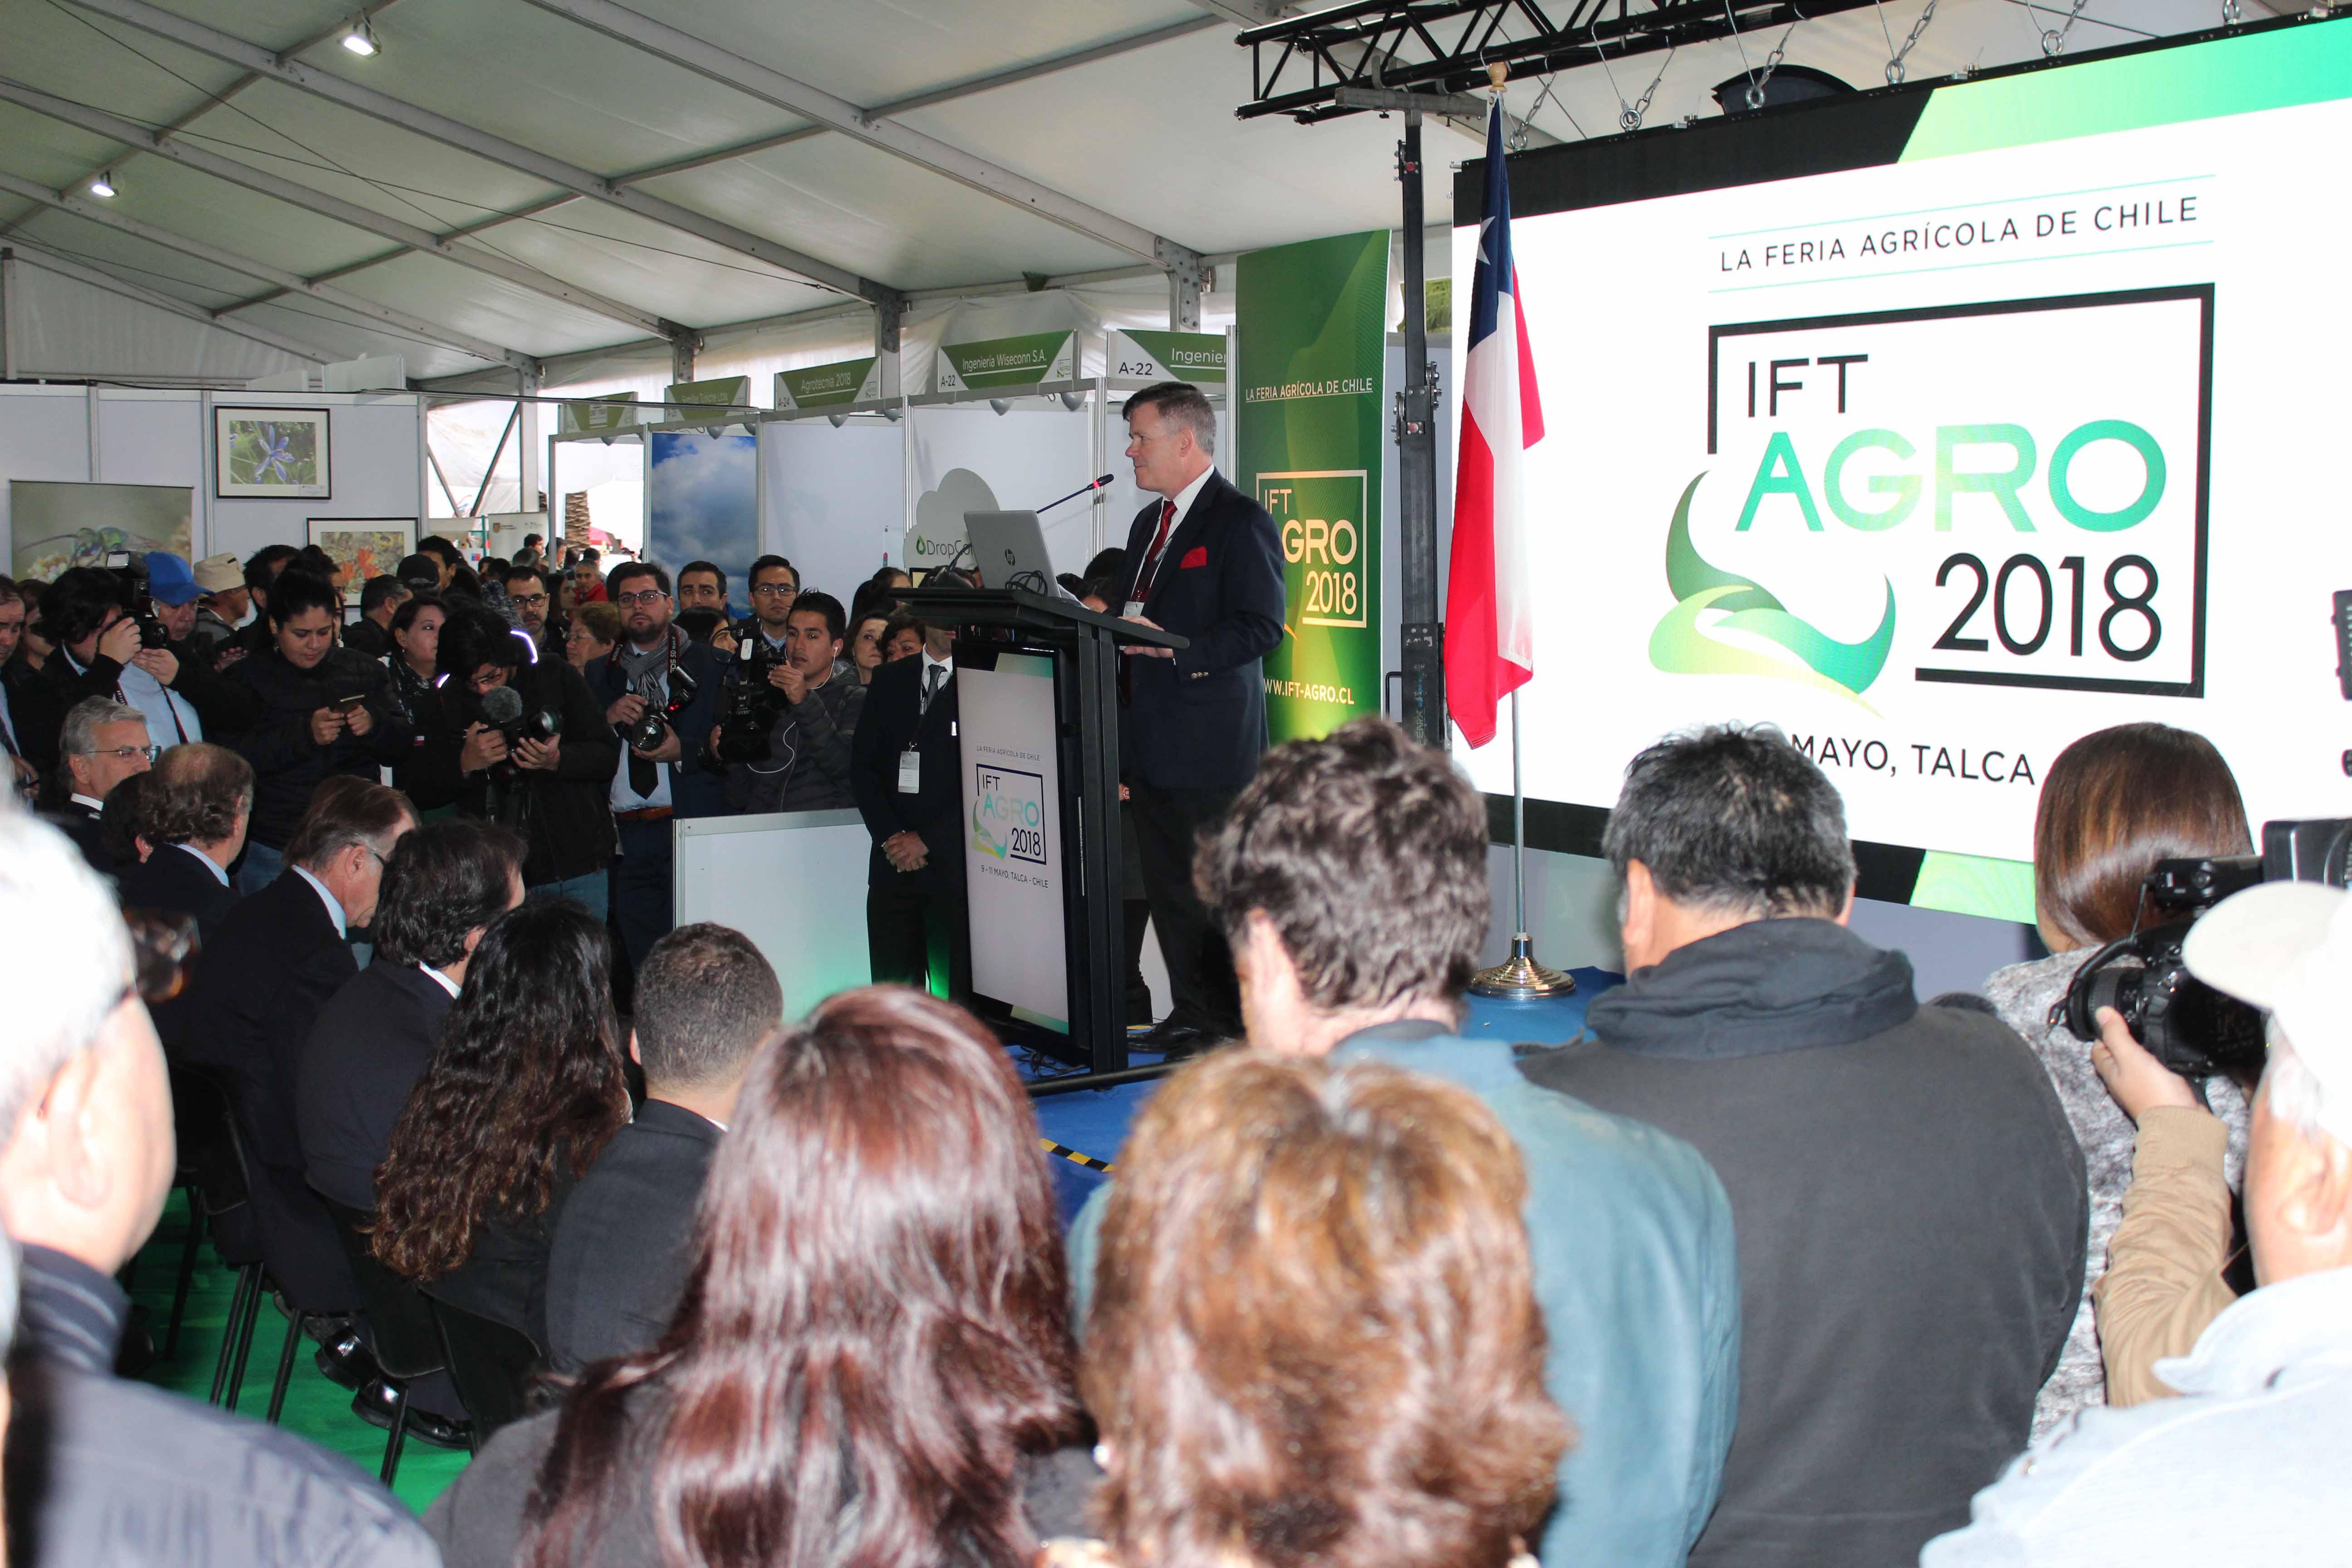 Anuncian cuarta versión de Feria IFT-AGRO en Talca – Maulee.cl